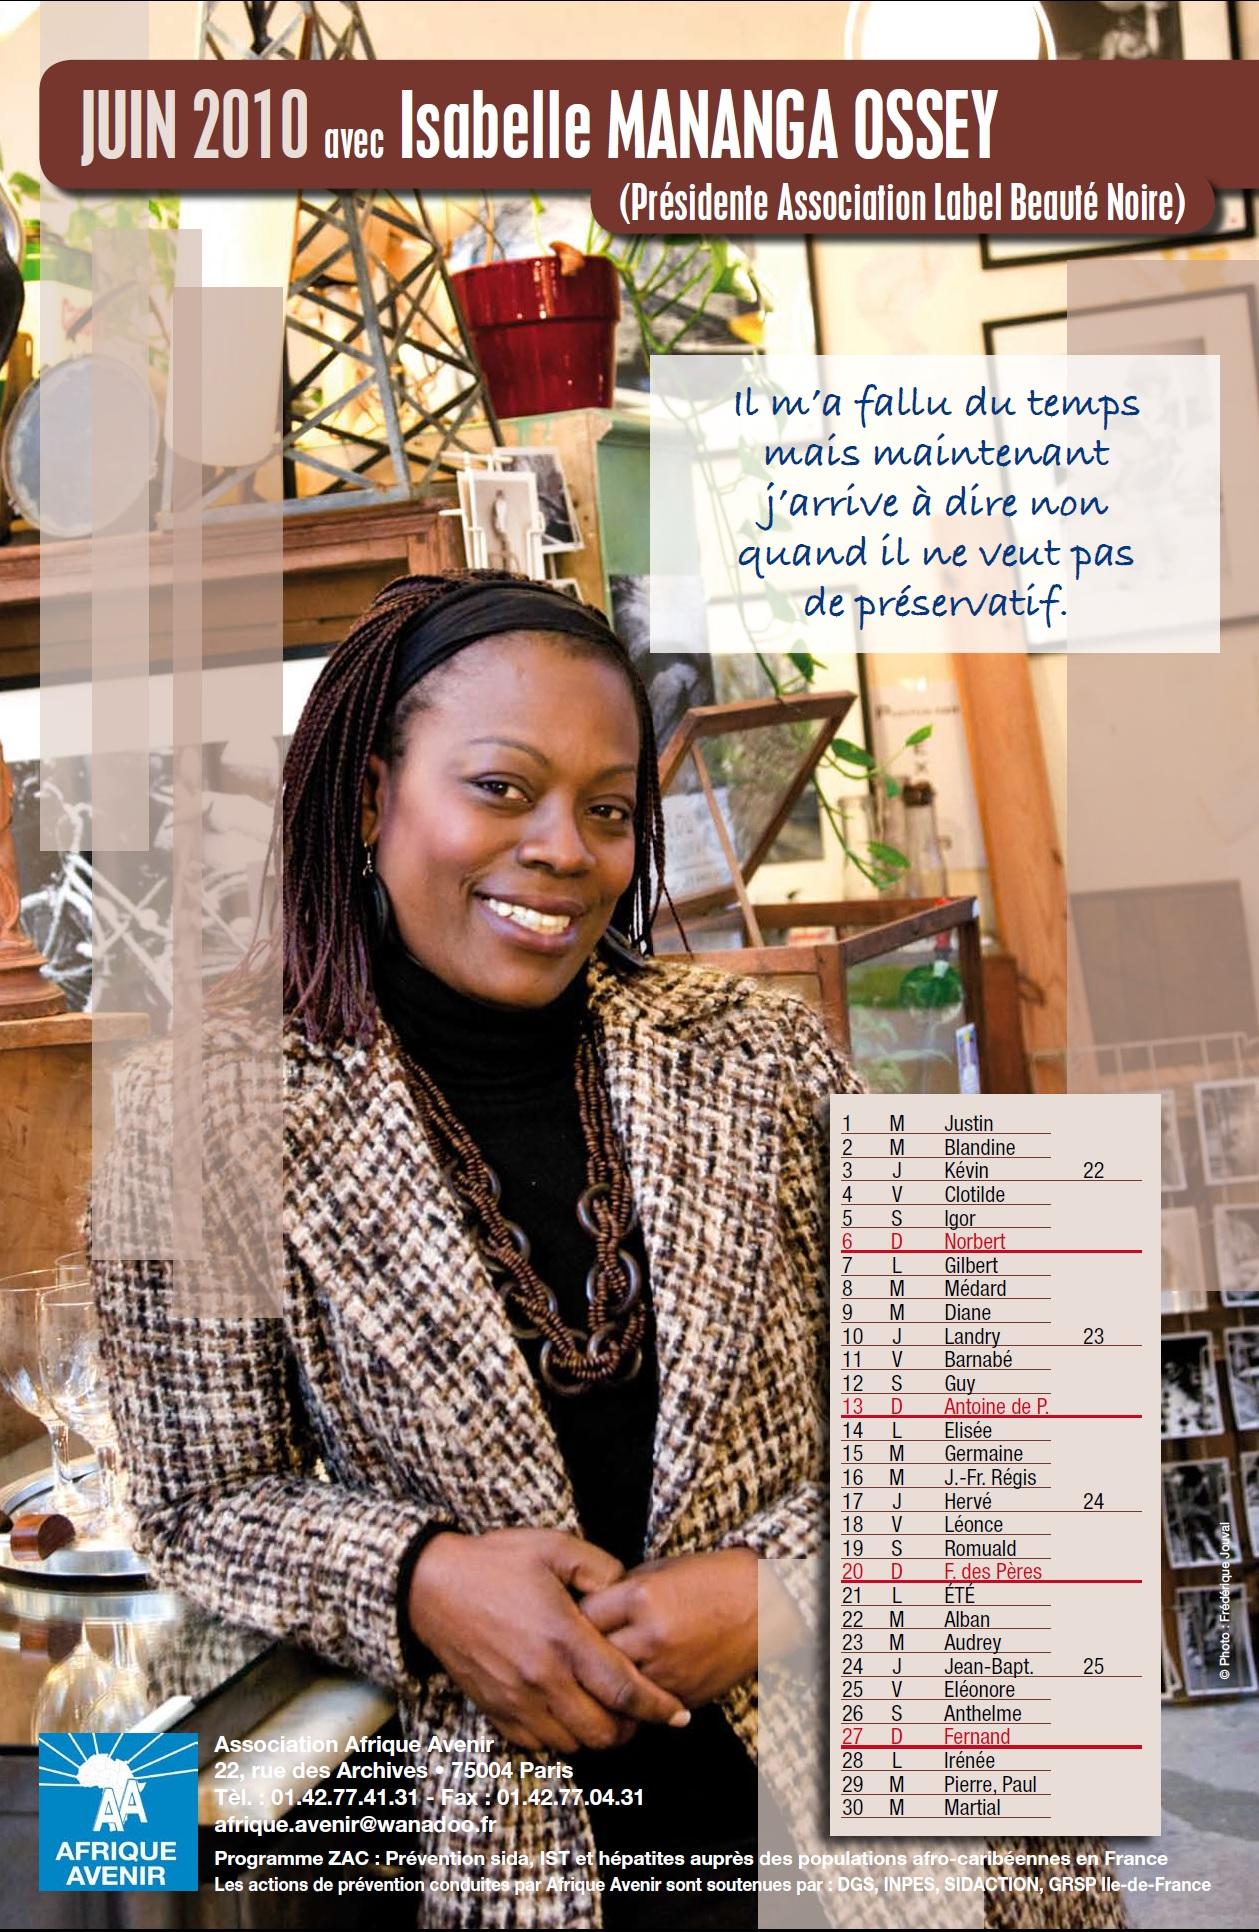 Contre le VIH/Sida avec Isabelle MANANGA OSSEY